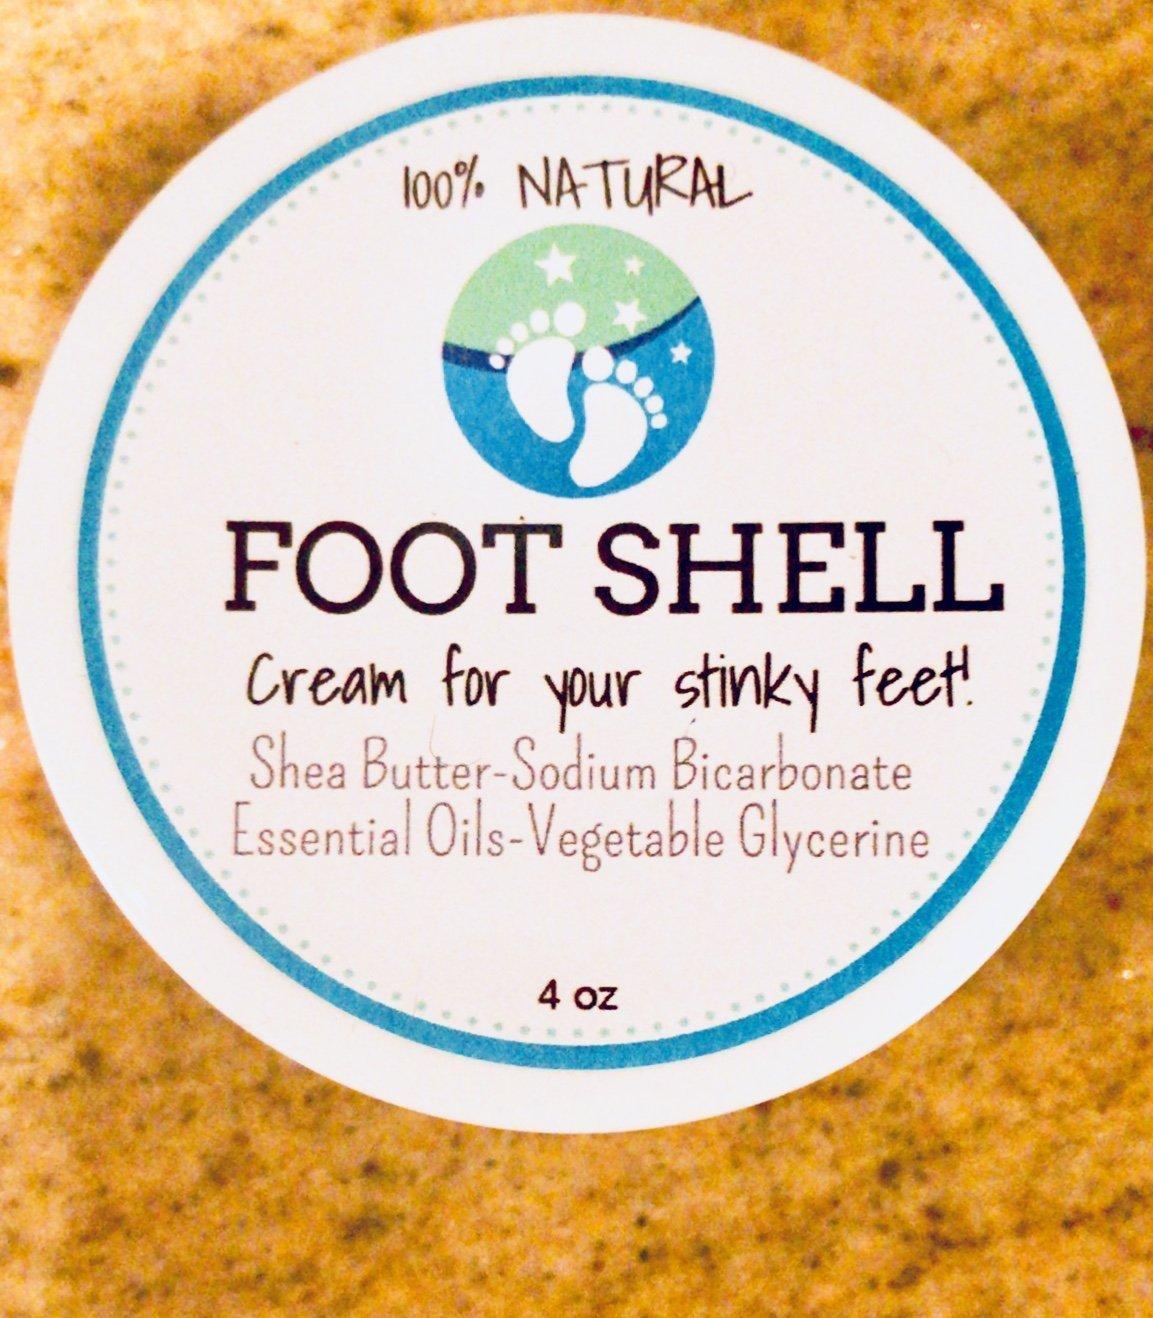 FootShell